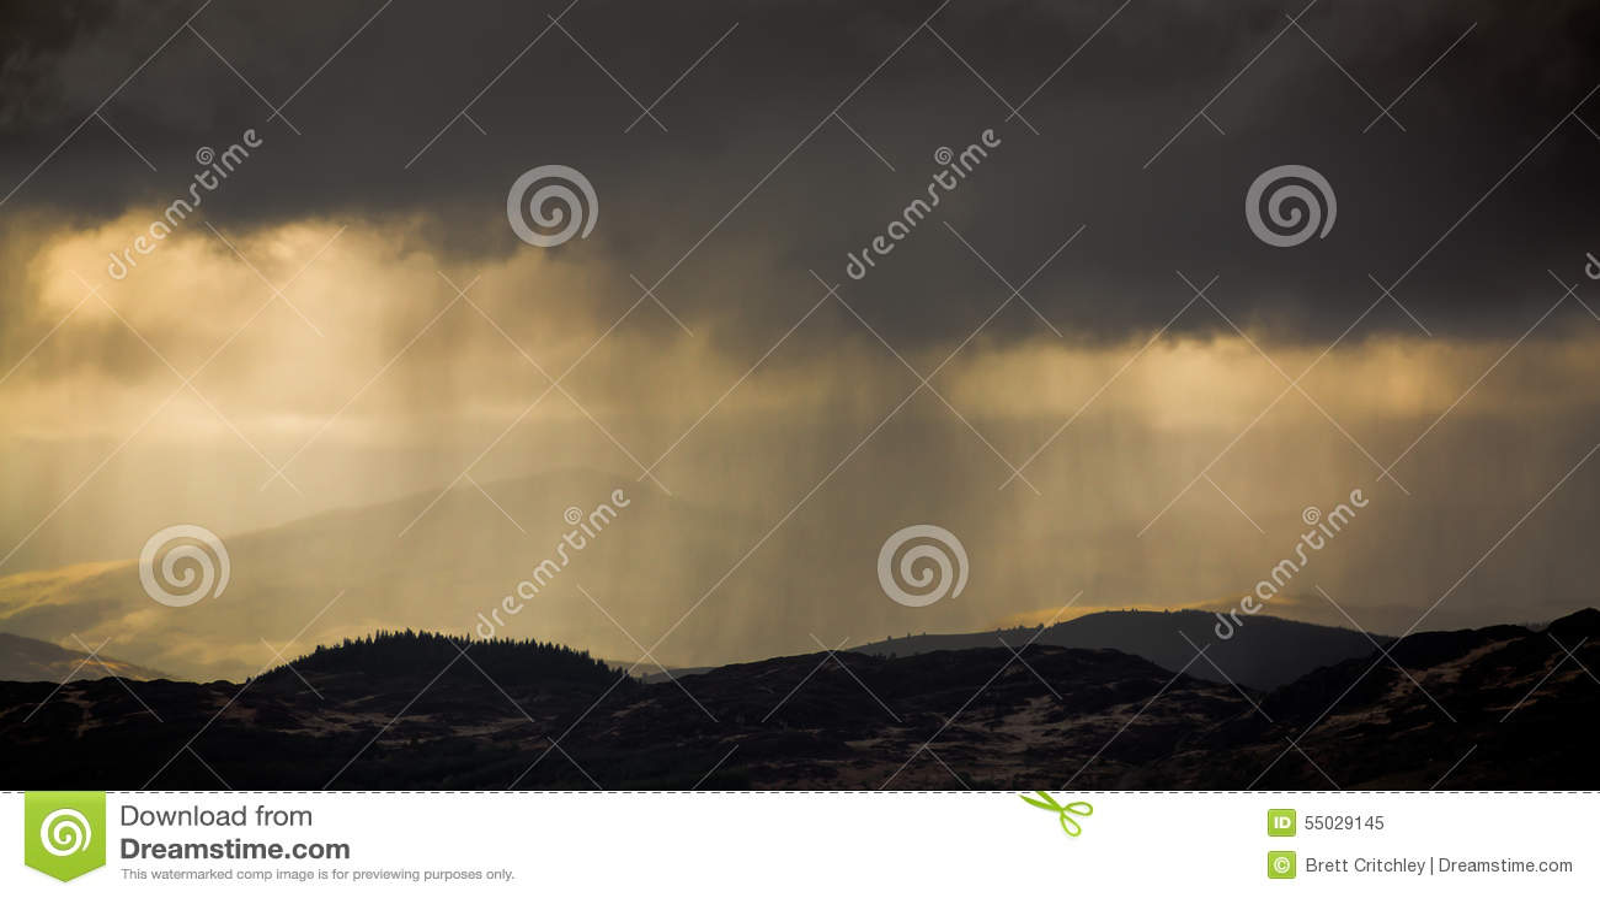 Podeszczowych chmur burzy pogoda